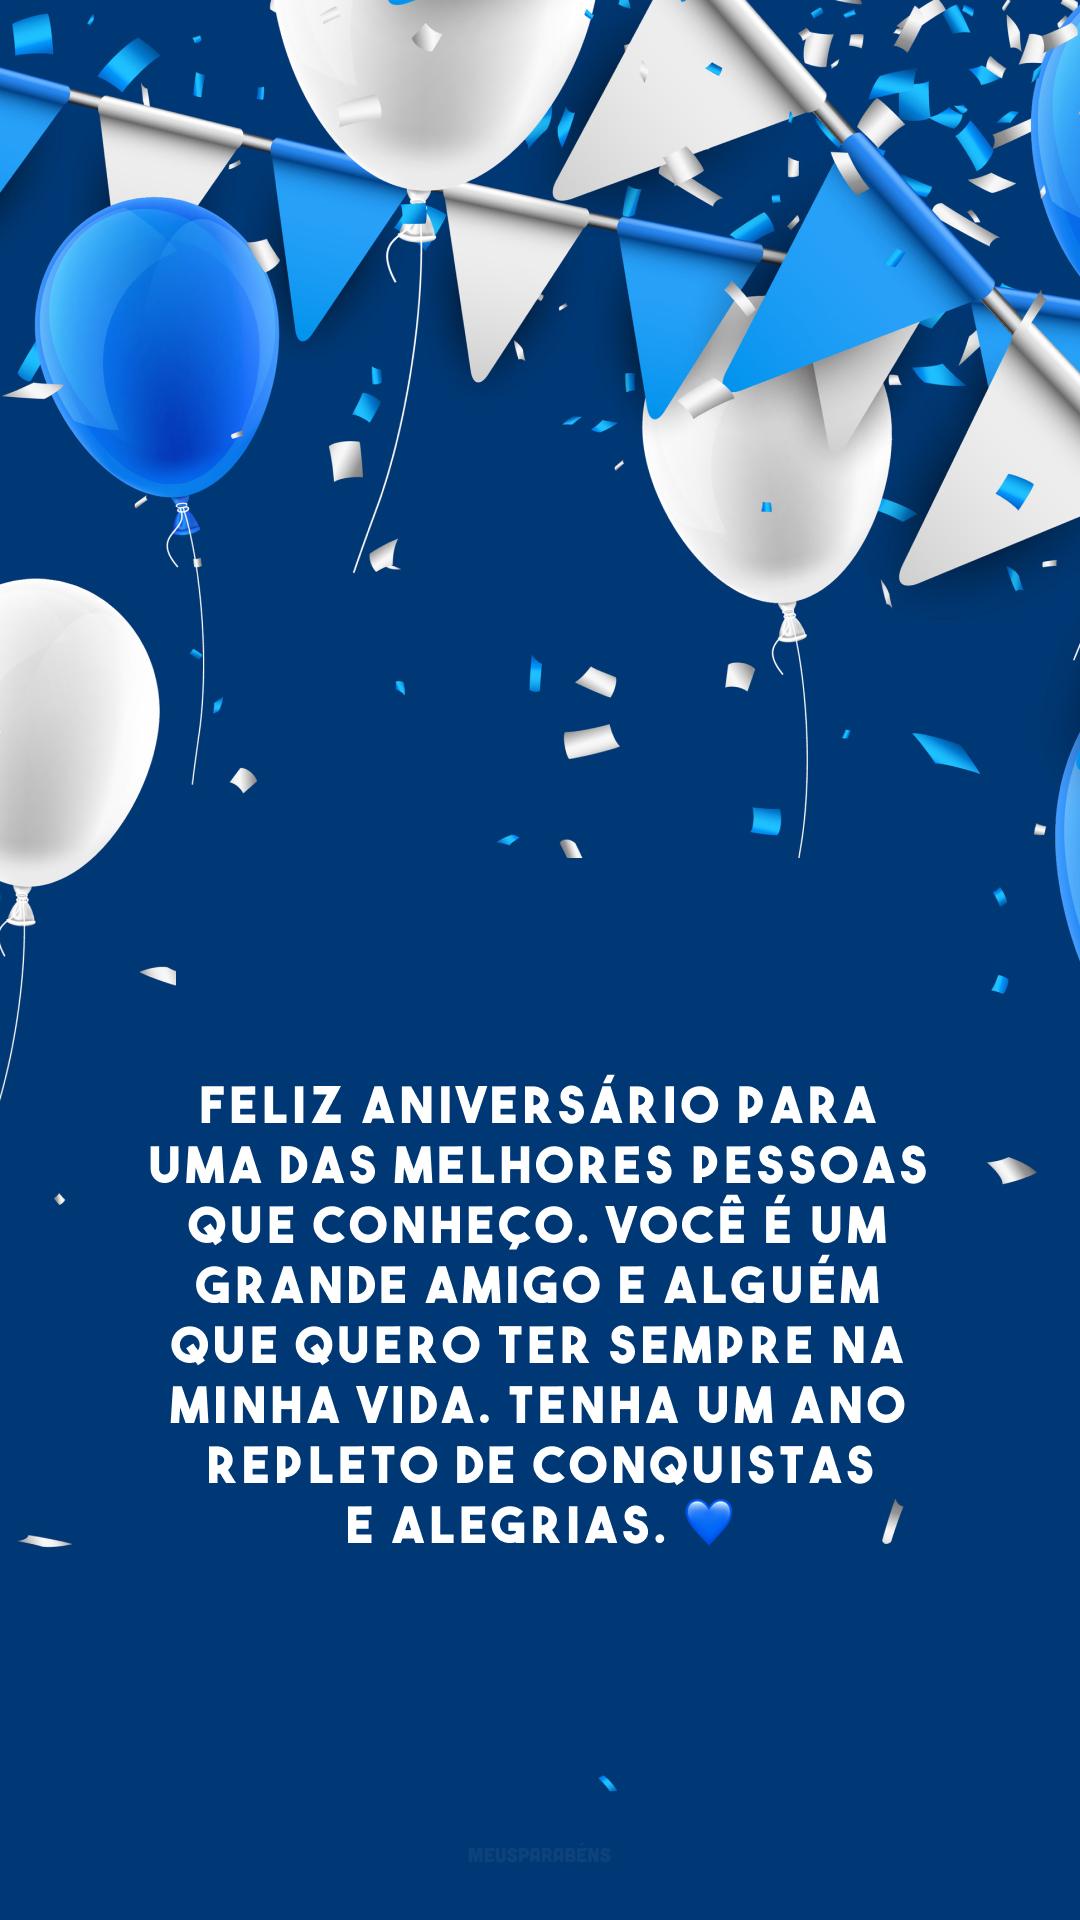 Feliz aniversário para uma das melhores pessoas que conheço. Você é um grande amigo e alguém que quero ter sempre na minha vida. Tenha um ano repleto de conquistas e alegrias. 💙